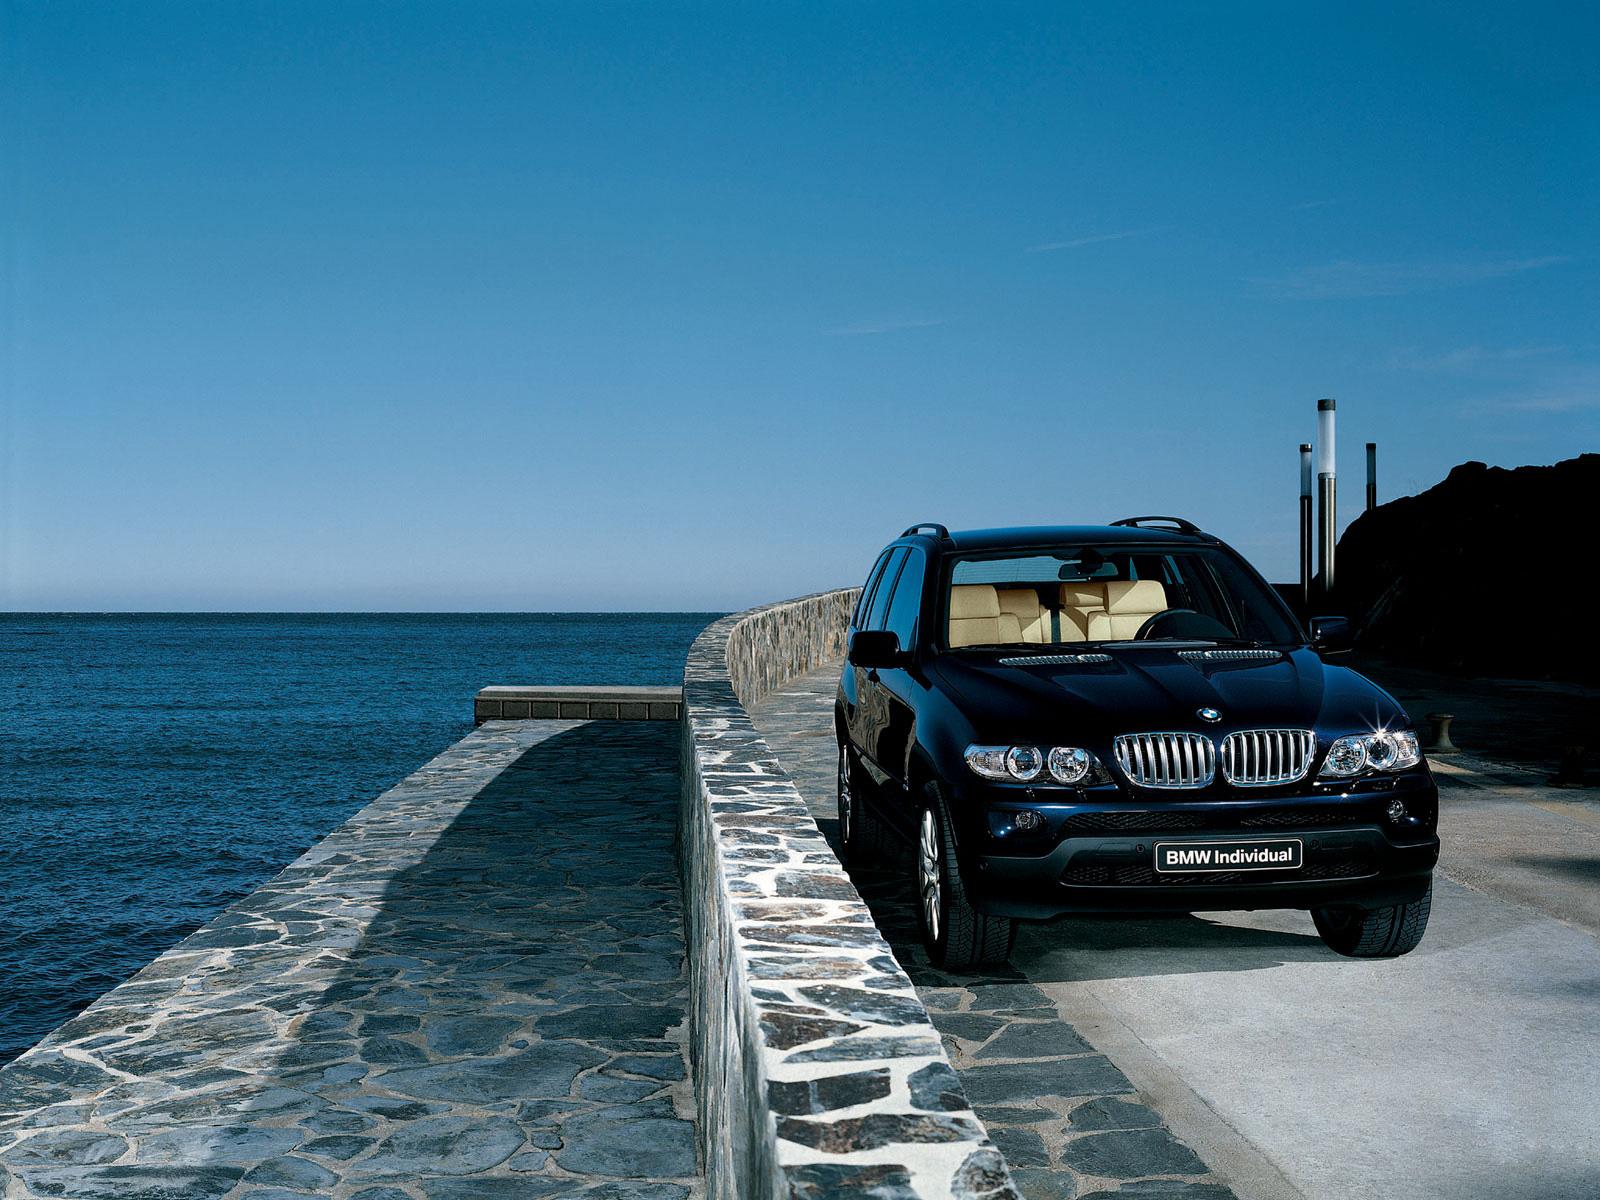 Какая модель BMW в фильме Бумер?